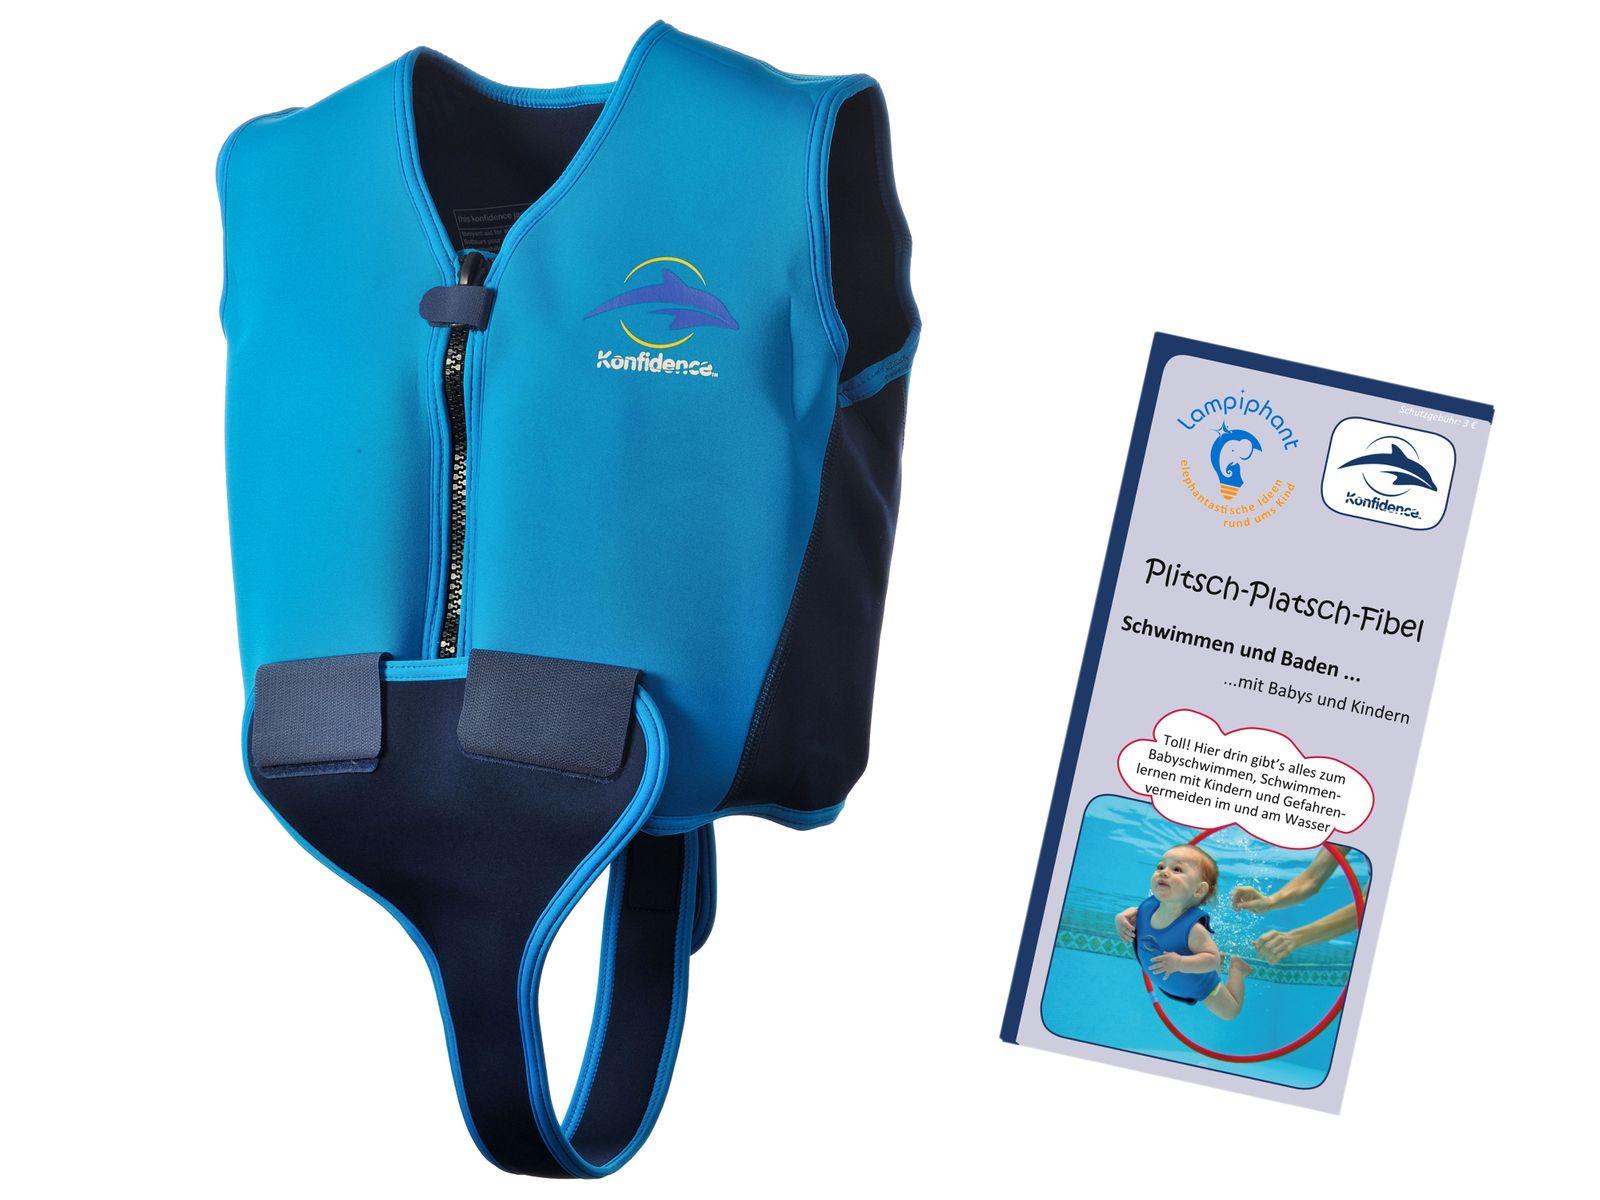 Konfidence Jugendschwimmweste, Schwimmhilfe mit umfangreichem Schwimmratgeber – Bild 1